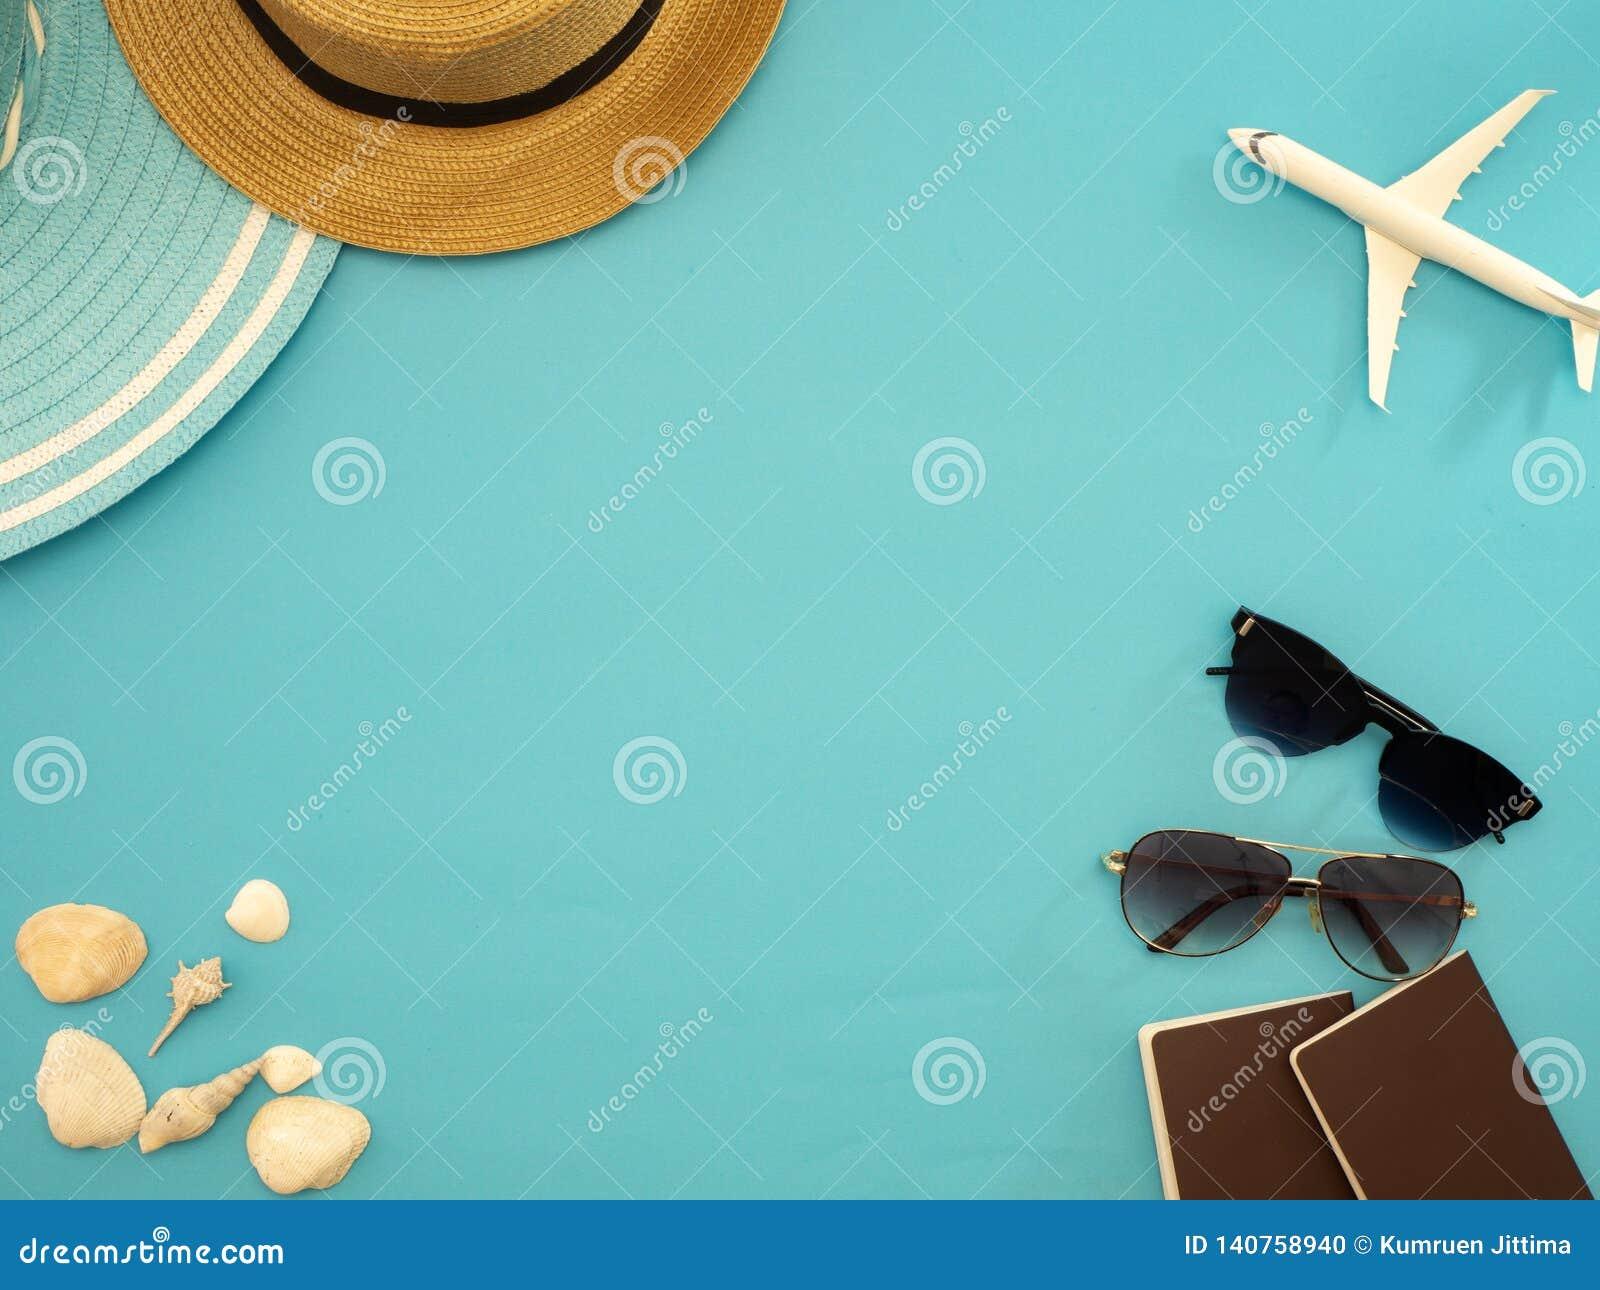 Ideias do curso do verão e objetos da praia